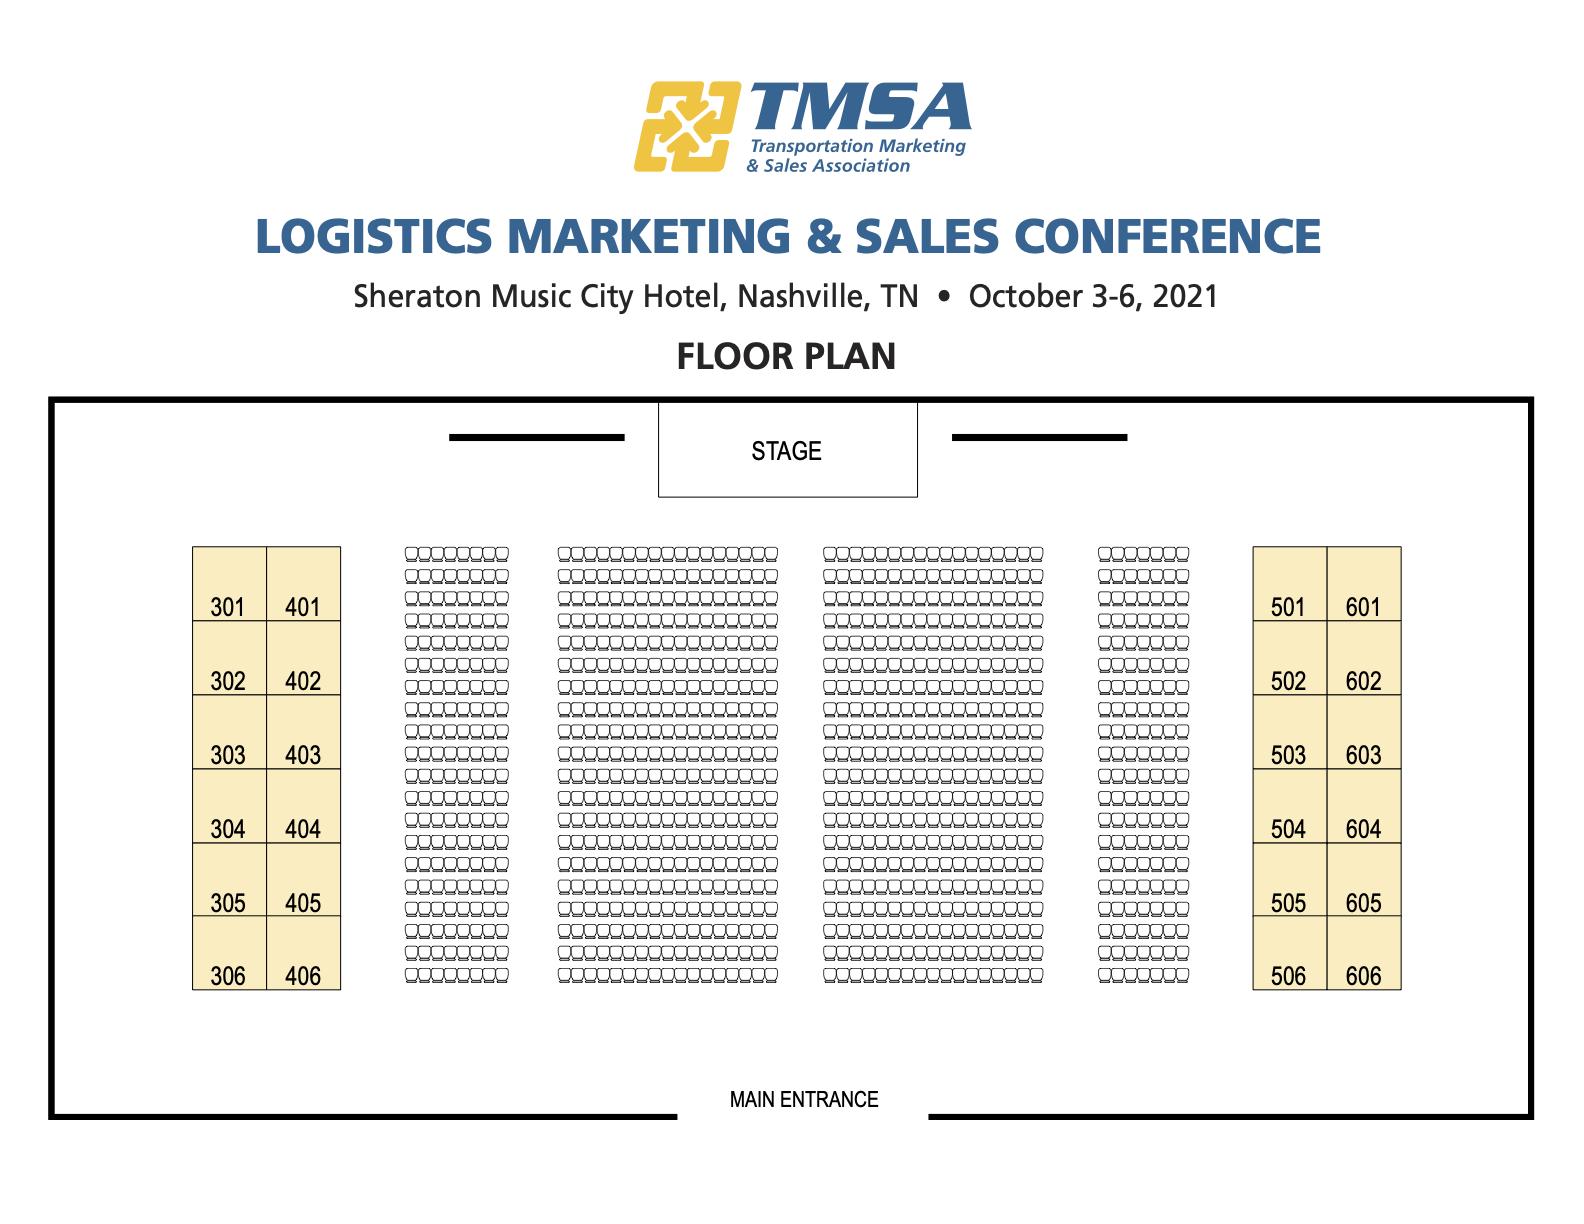 TMSA-2021-Floor-Plan-May11